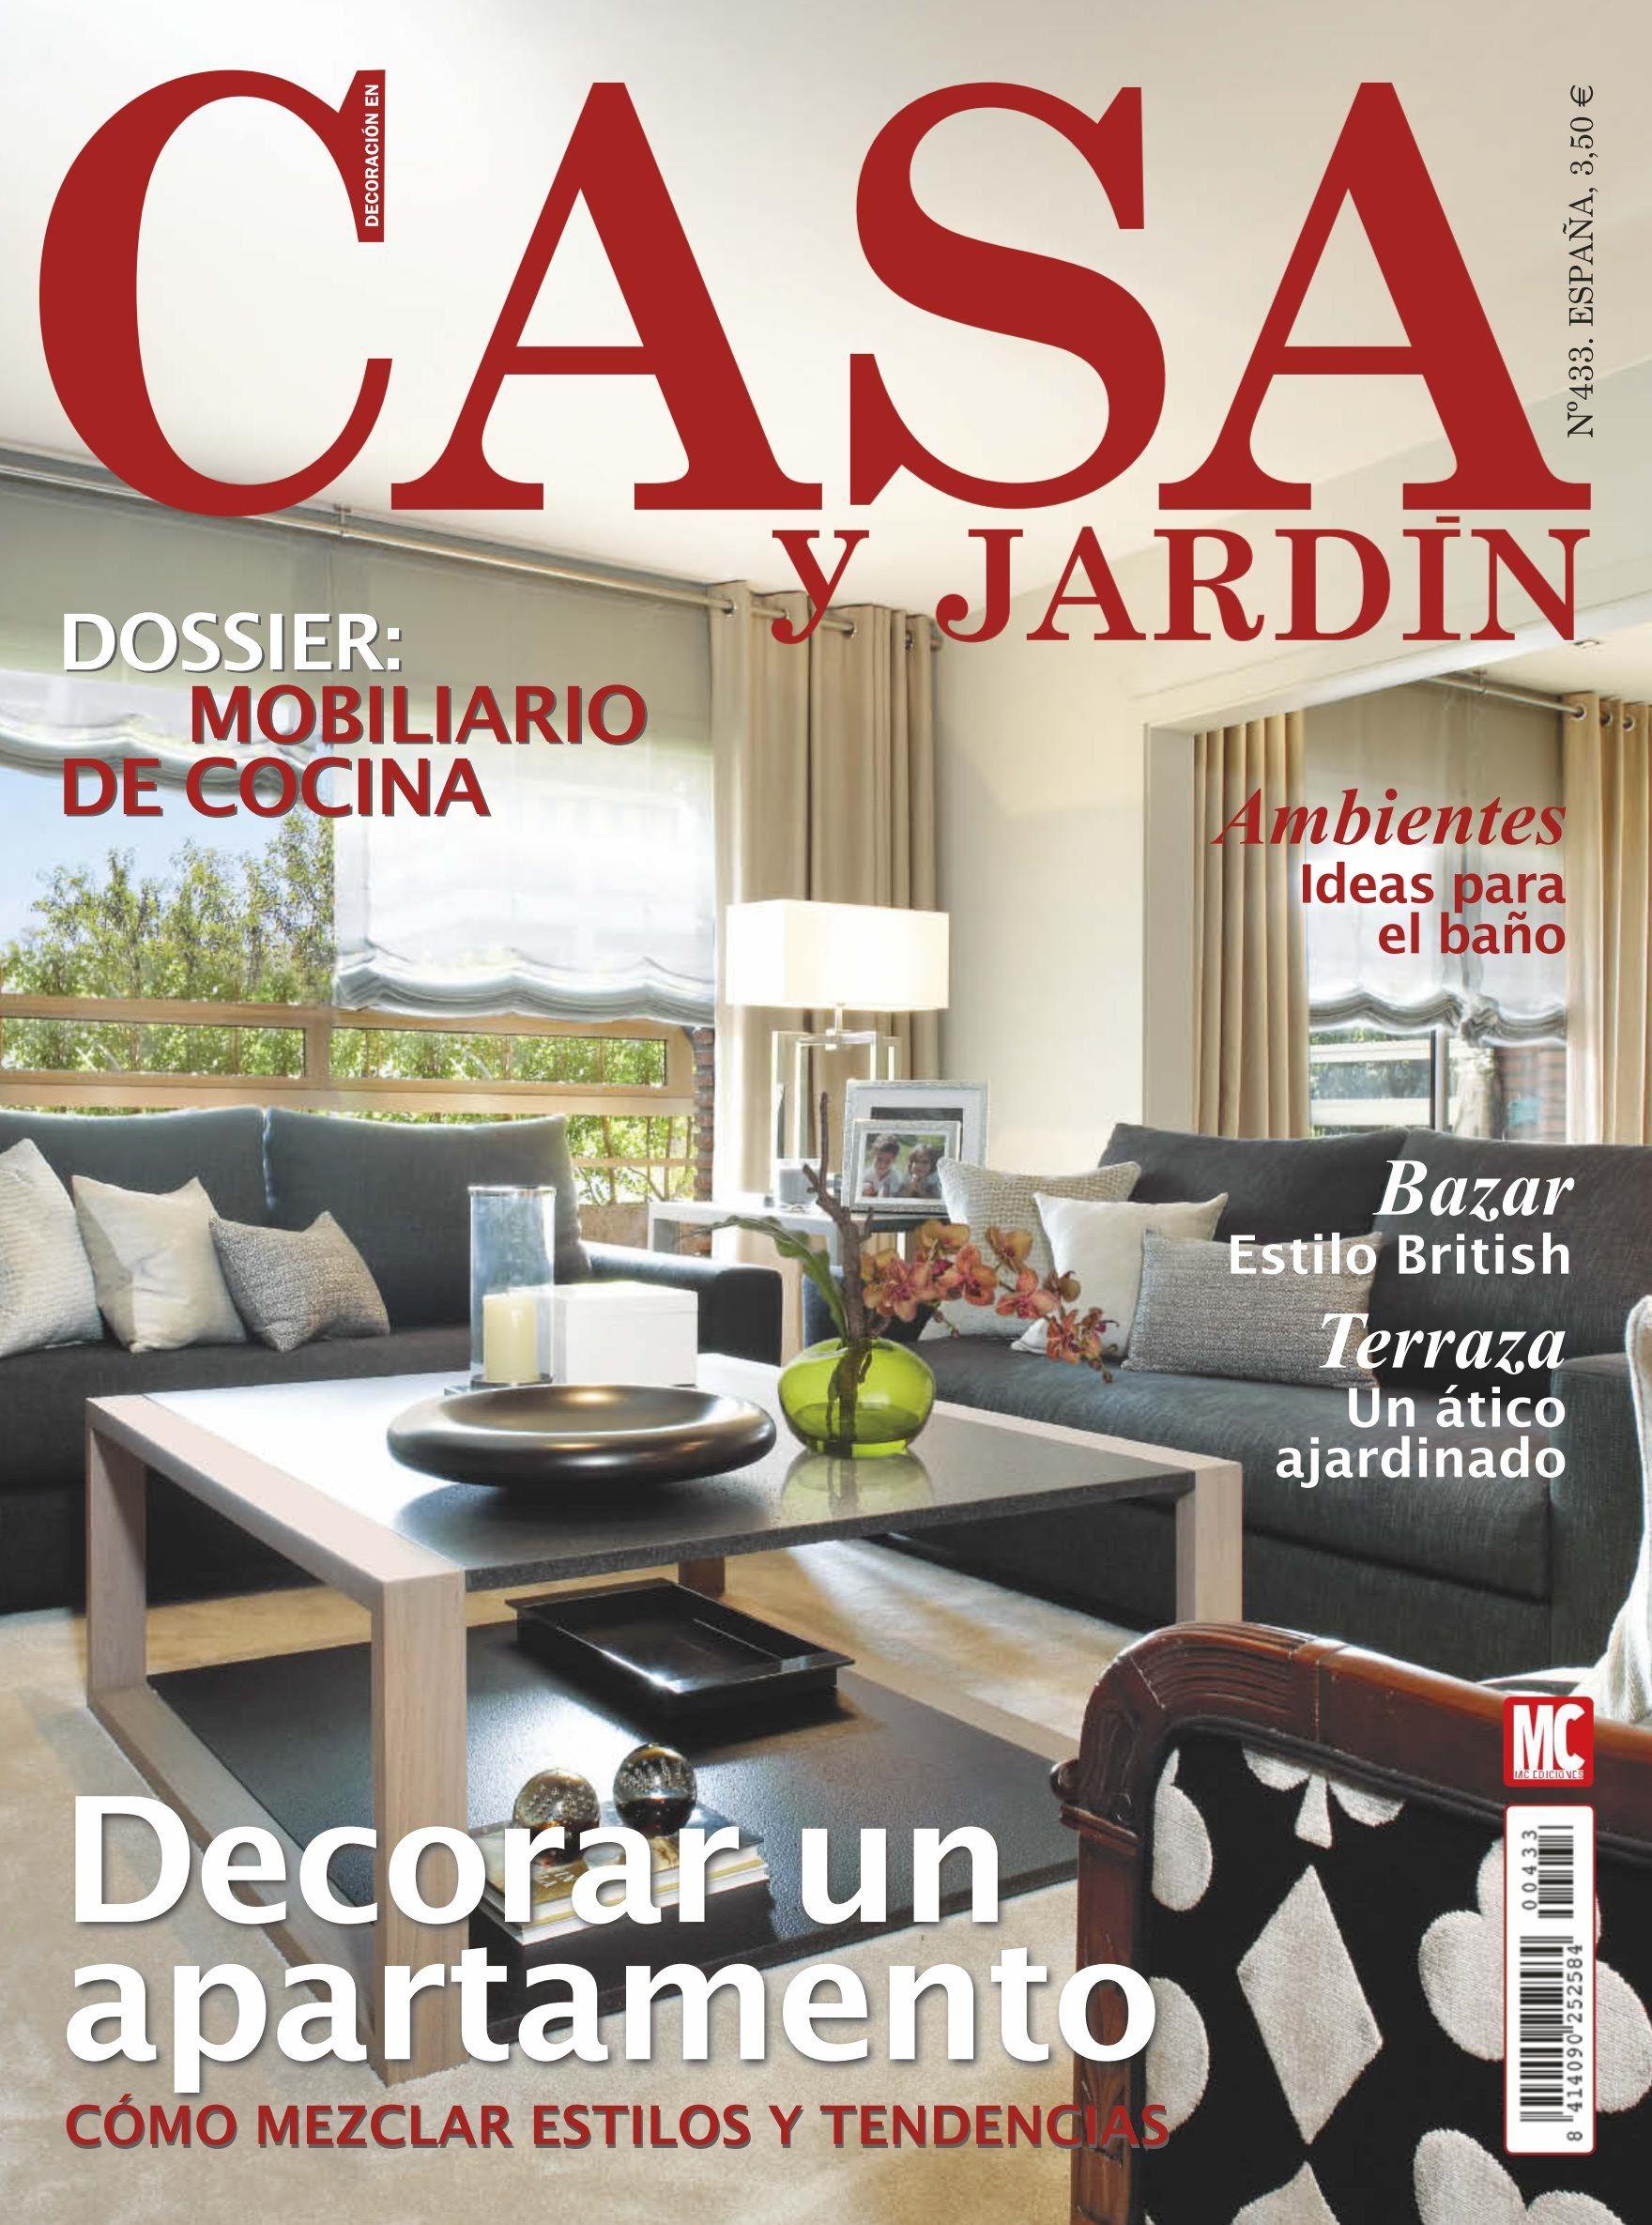 Revista casa y jardin 433 decorar un apartamento - Decorar un jardin ...